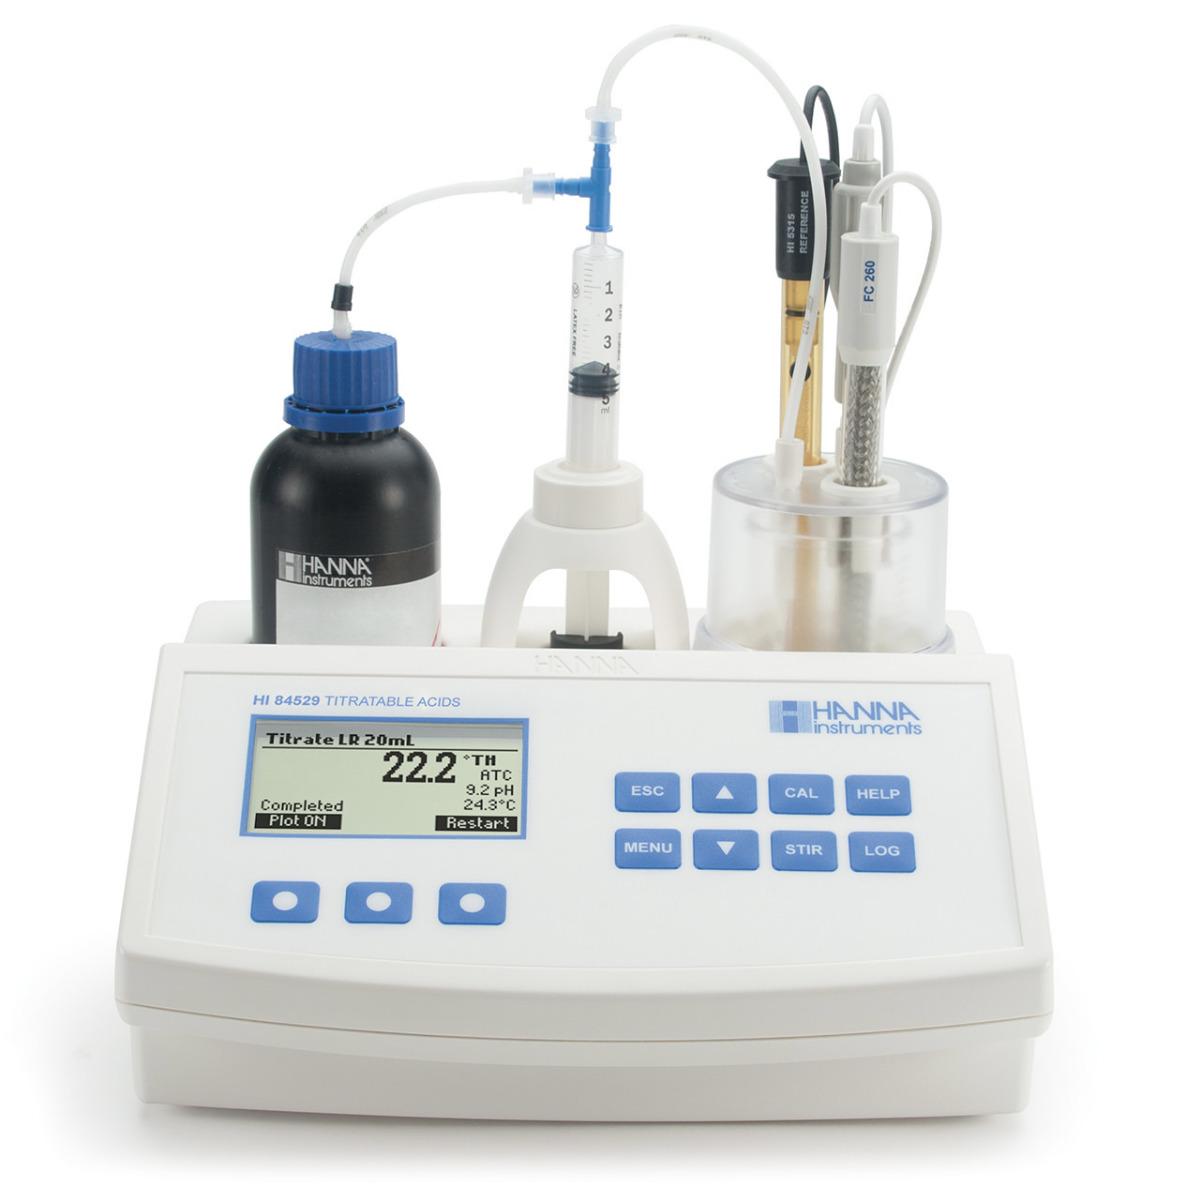 Mini Titulador para Medir la Acidez Titulable en Productos Lácteos - HI84529